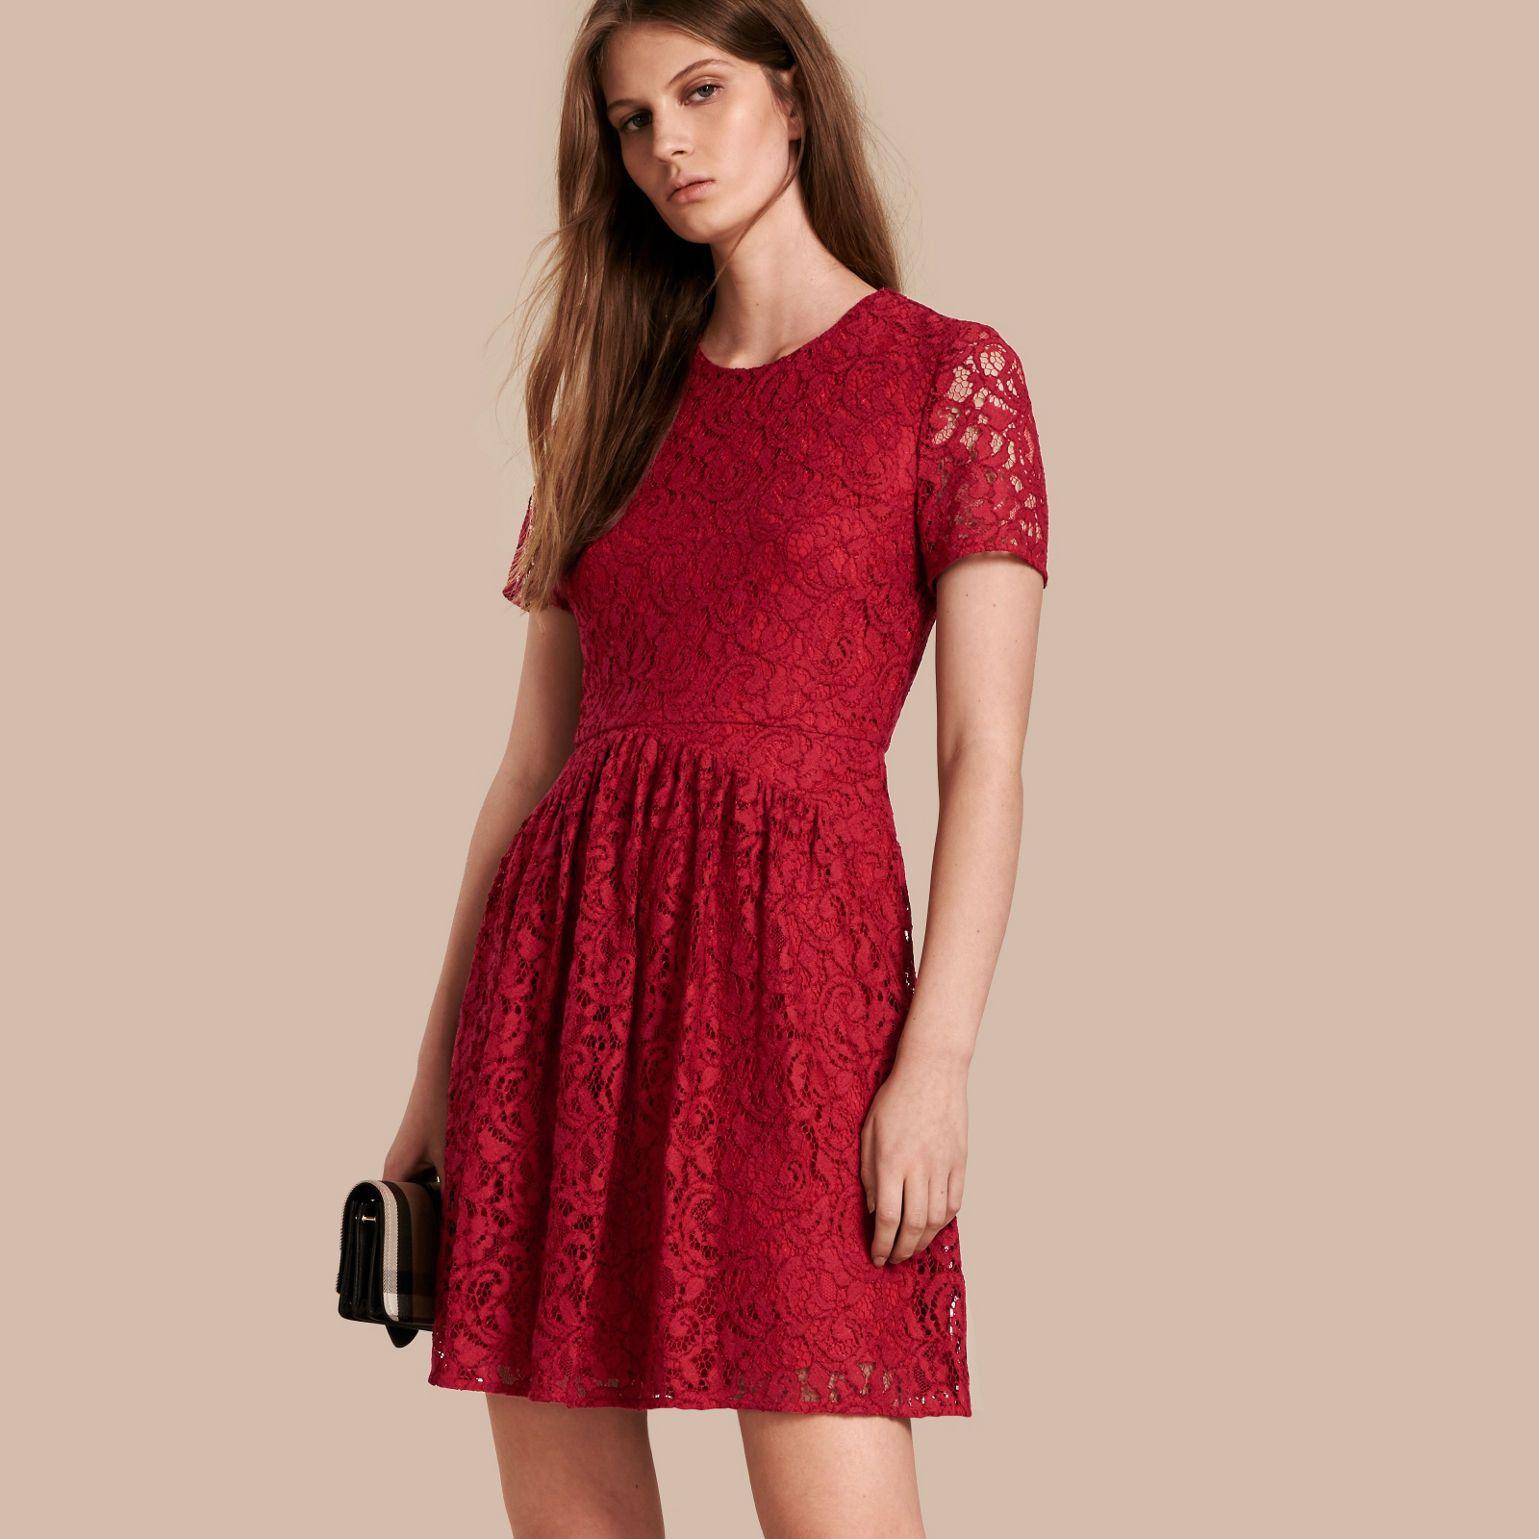 Edle Stoffe Kleider Modische Kleider Beliebt In Deutschland